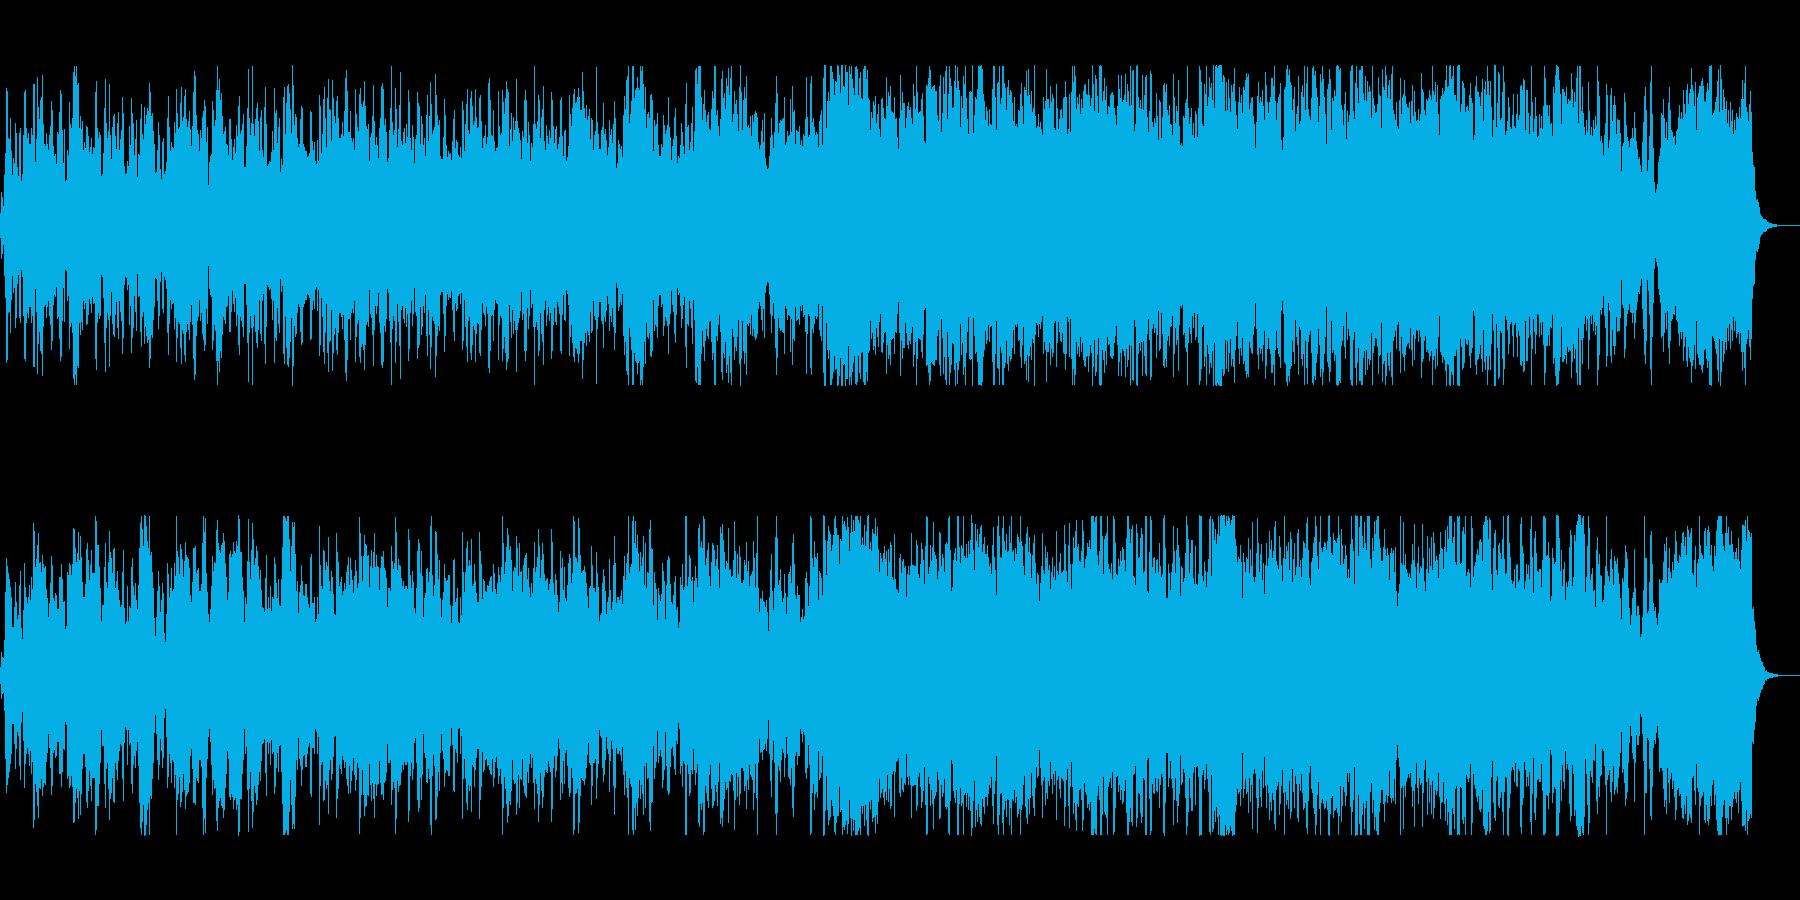 ゆったりファンタジーなシンセサウンドの再生済みの波形